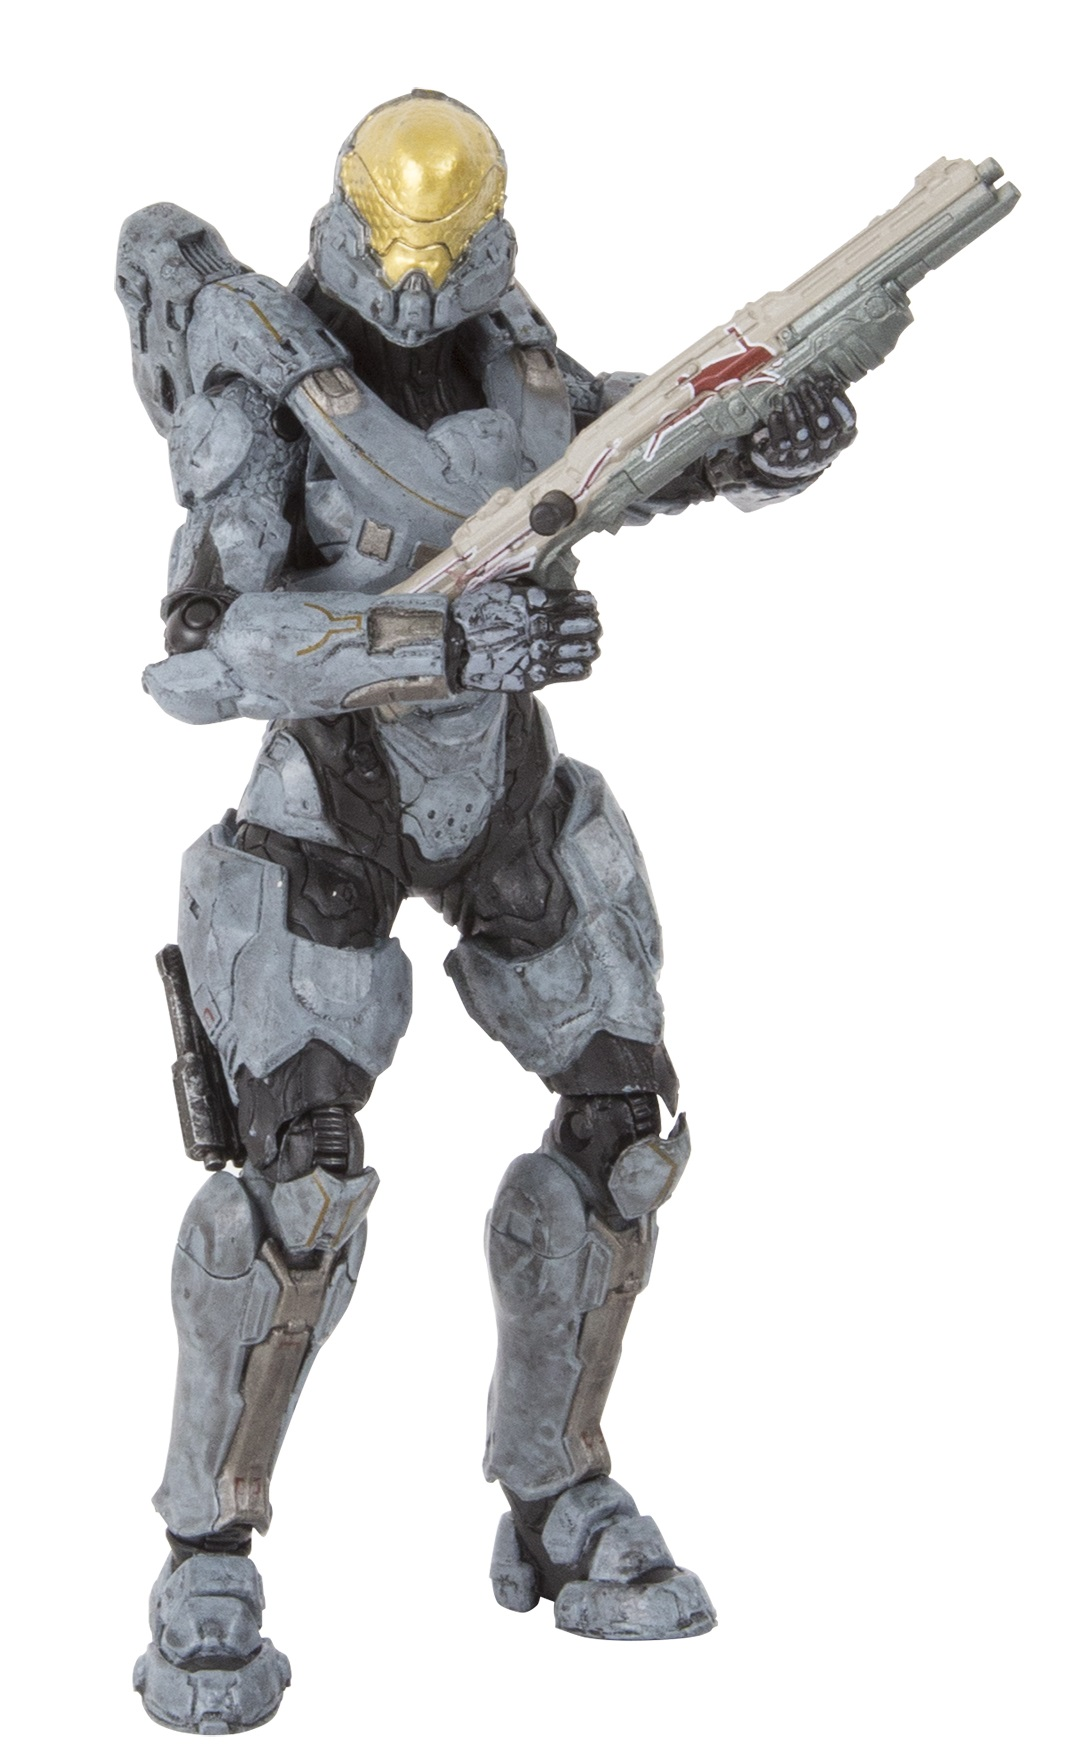 Фигурка Halo 5. Spartan Kelly (15 см)Представляем вашему вниманию фигурку Halo 5. Spartan Kelly, воплощающую собой одного из элитных спартанцев из Команды Осирис и Синей Команды, хорошо известных всем поклонникам игры Halo 5: Guardians.<br>